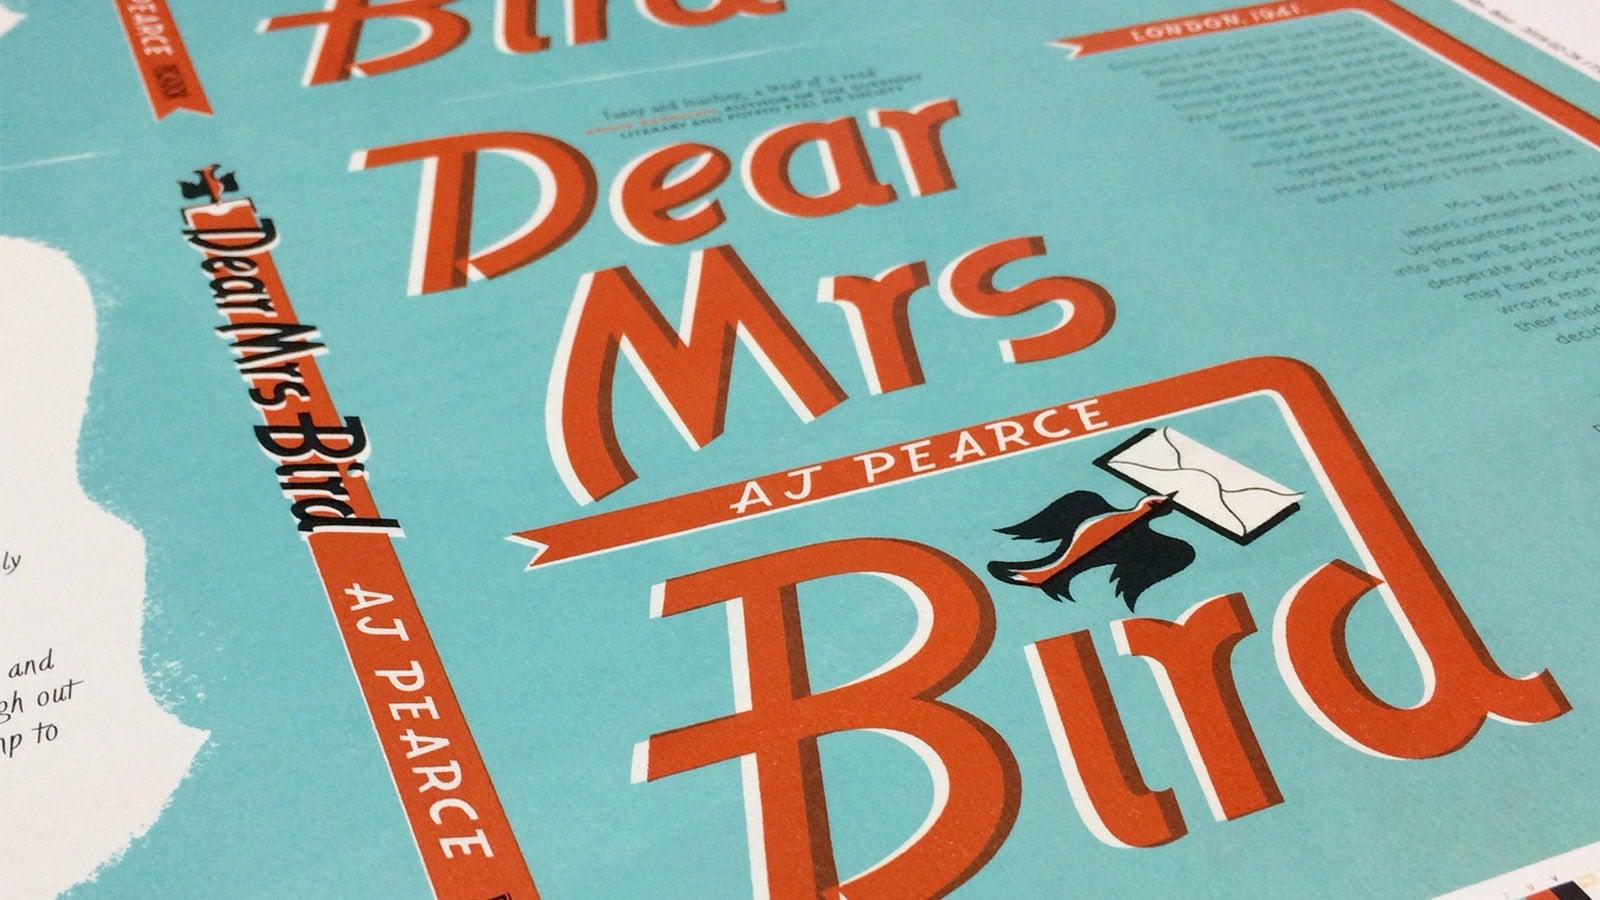 Dear Mrs Bird book cover